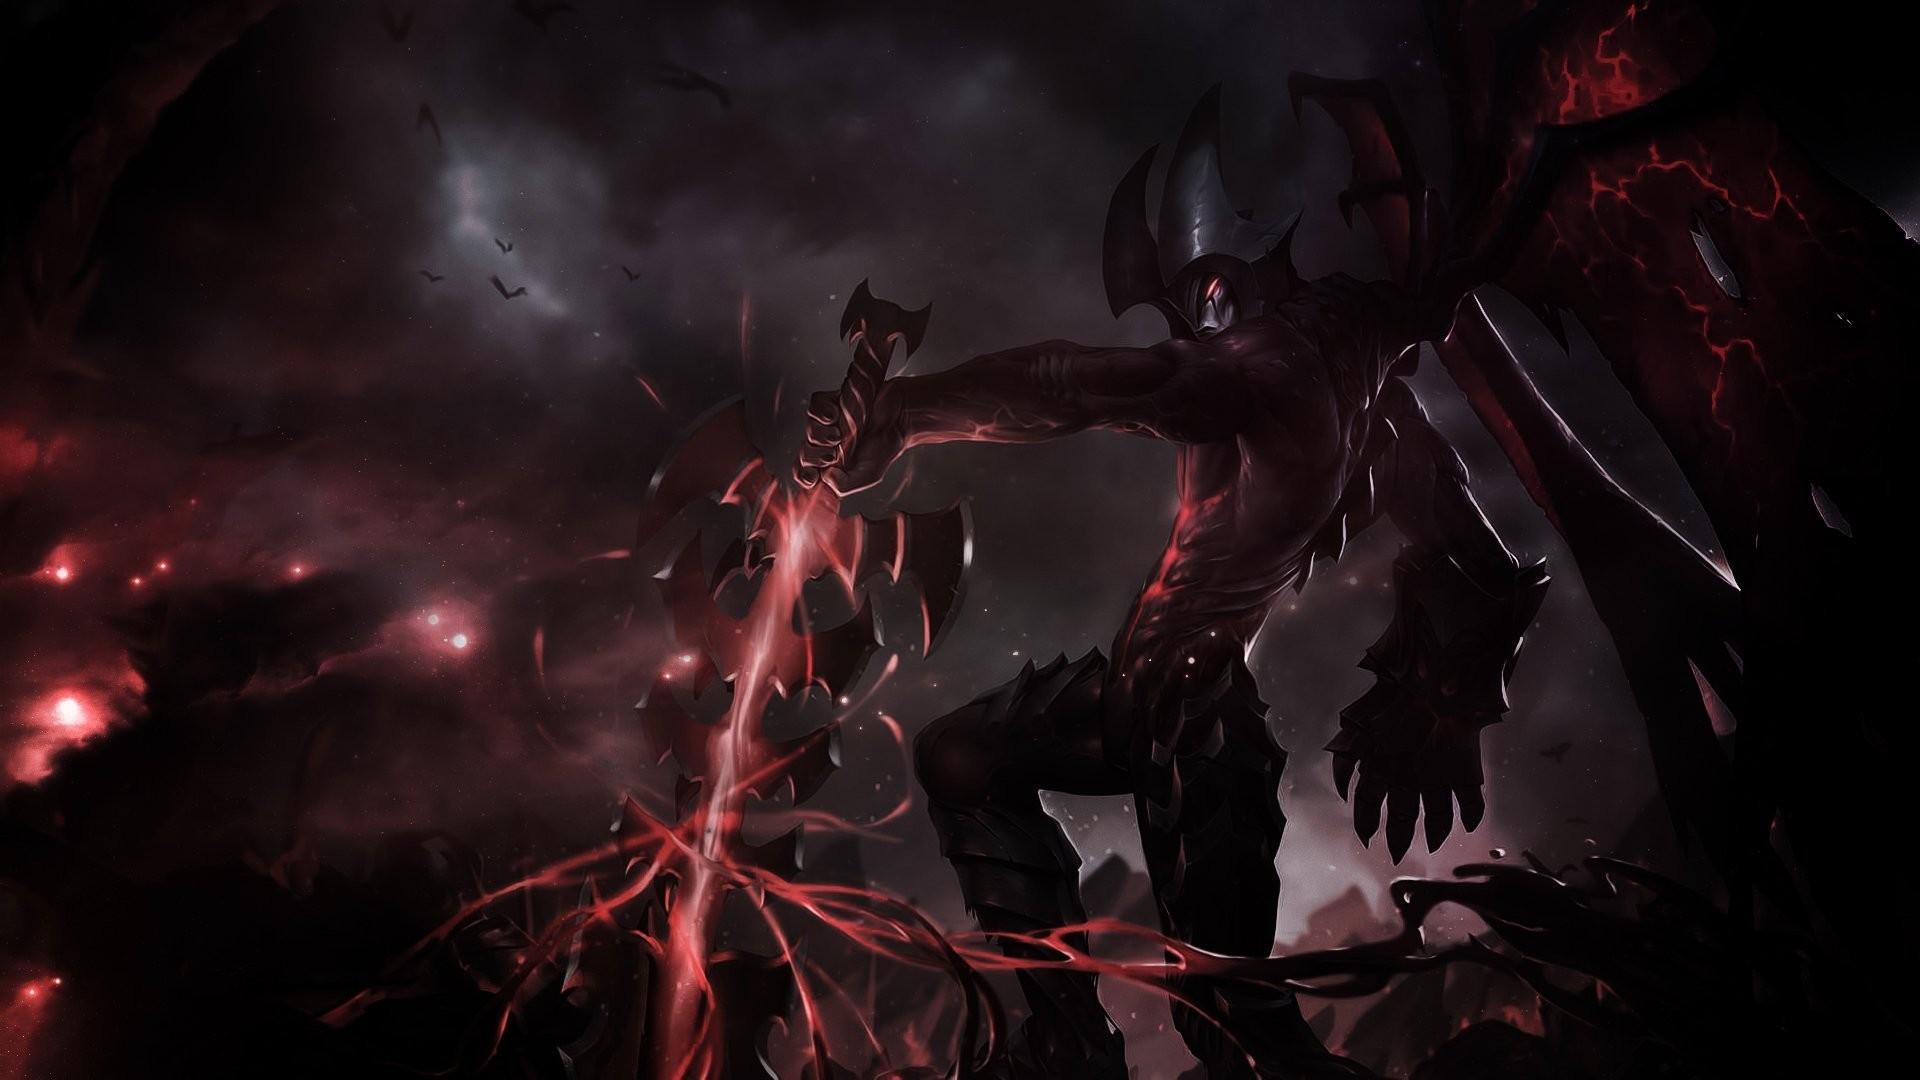 art league of legends aatrox monster sword of the crack wings dark magic